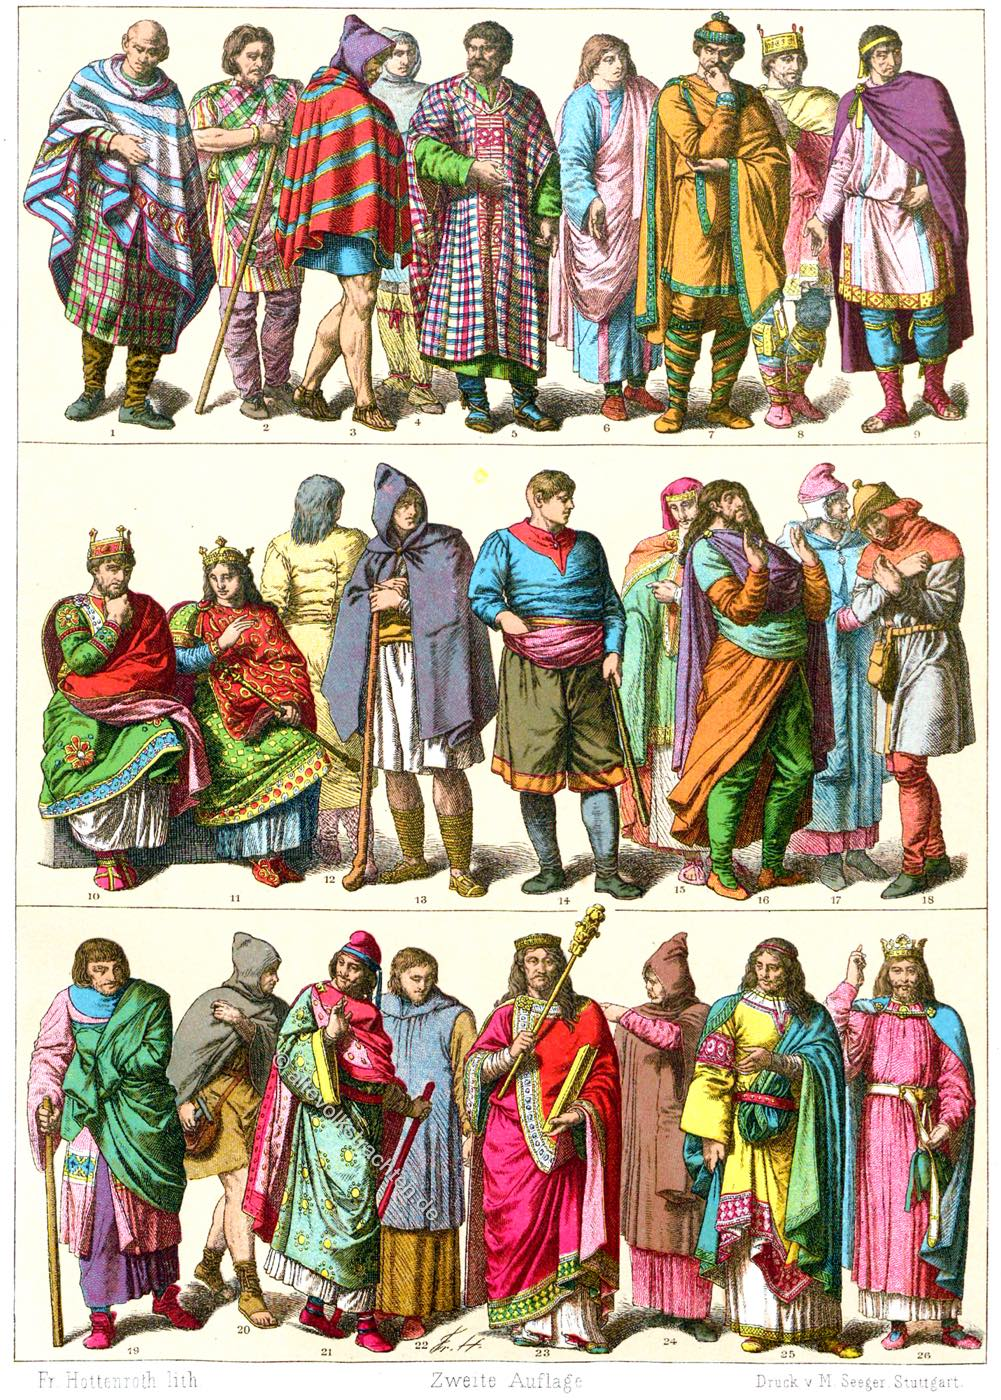 Gewandung, Mittelalter, Franzosen, Herrscherornat, Karolingerzeit, Friedrich Hottenroth